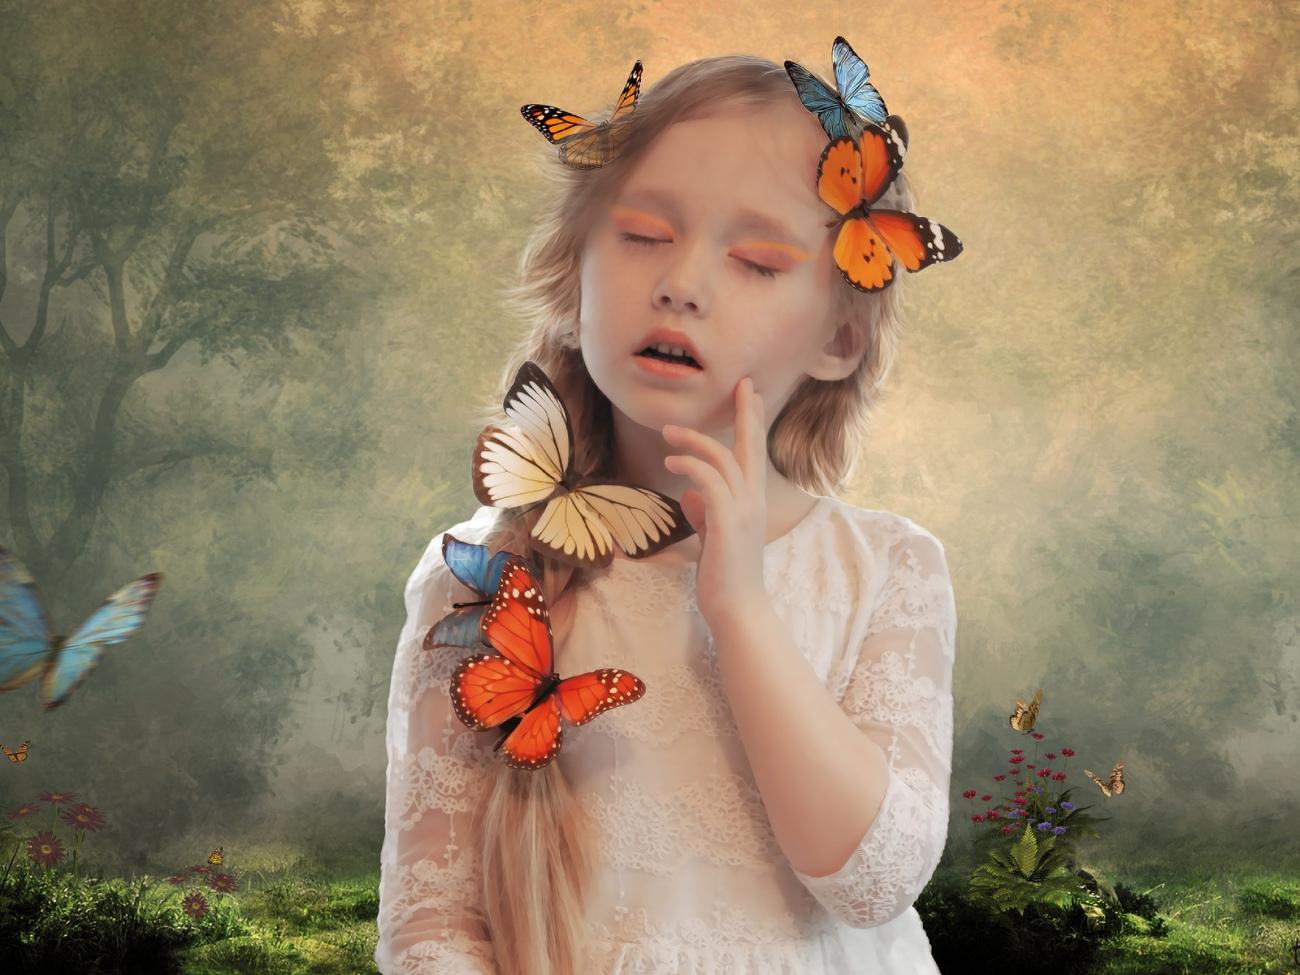 foto-de-niñas-con-mariposas-coloridas.jpg